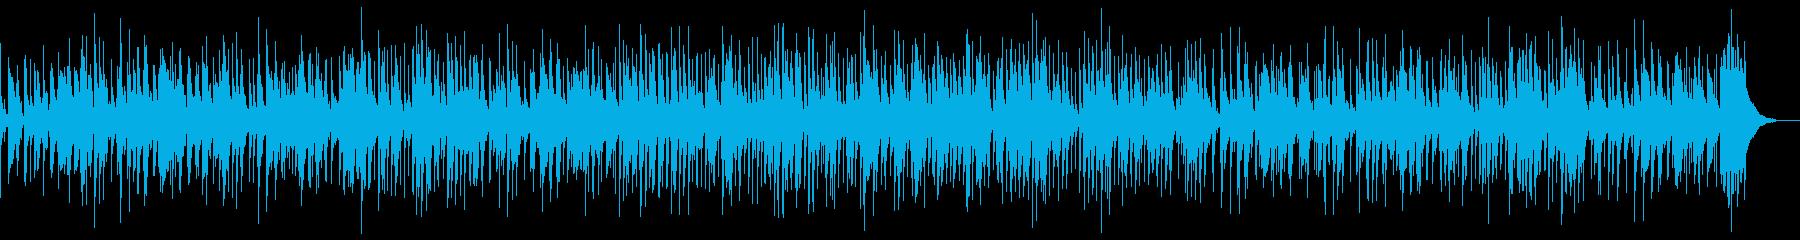 落ち着いたバーのBGMにの再生済みの波形